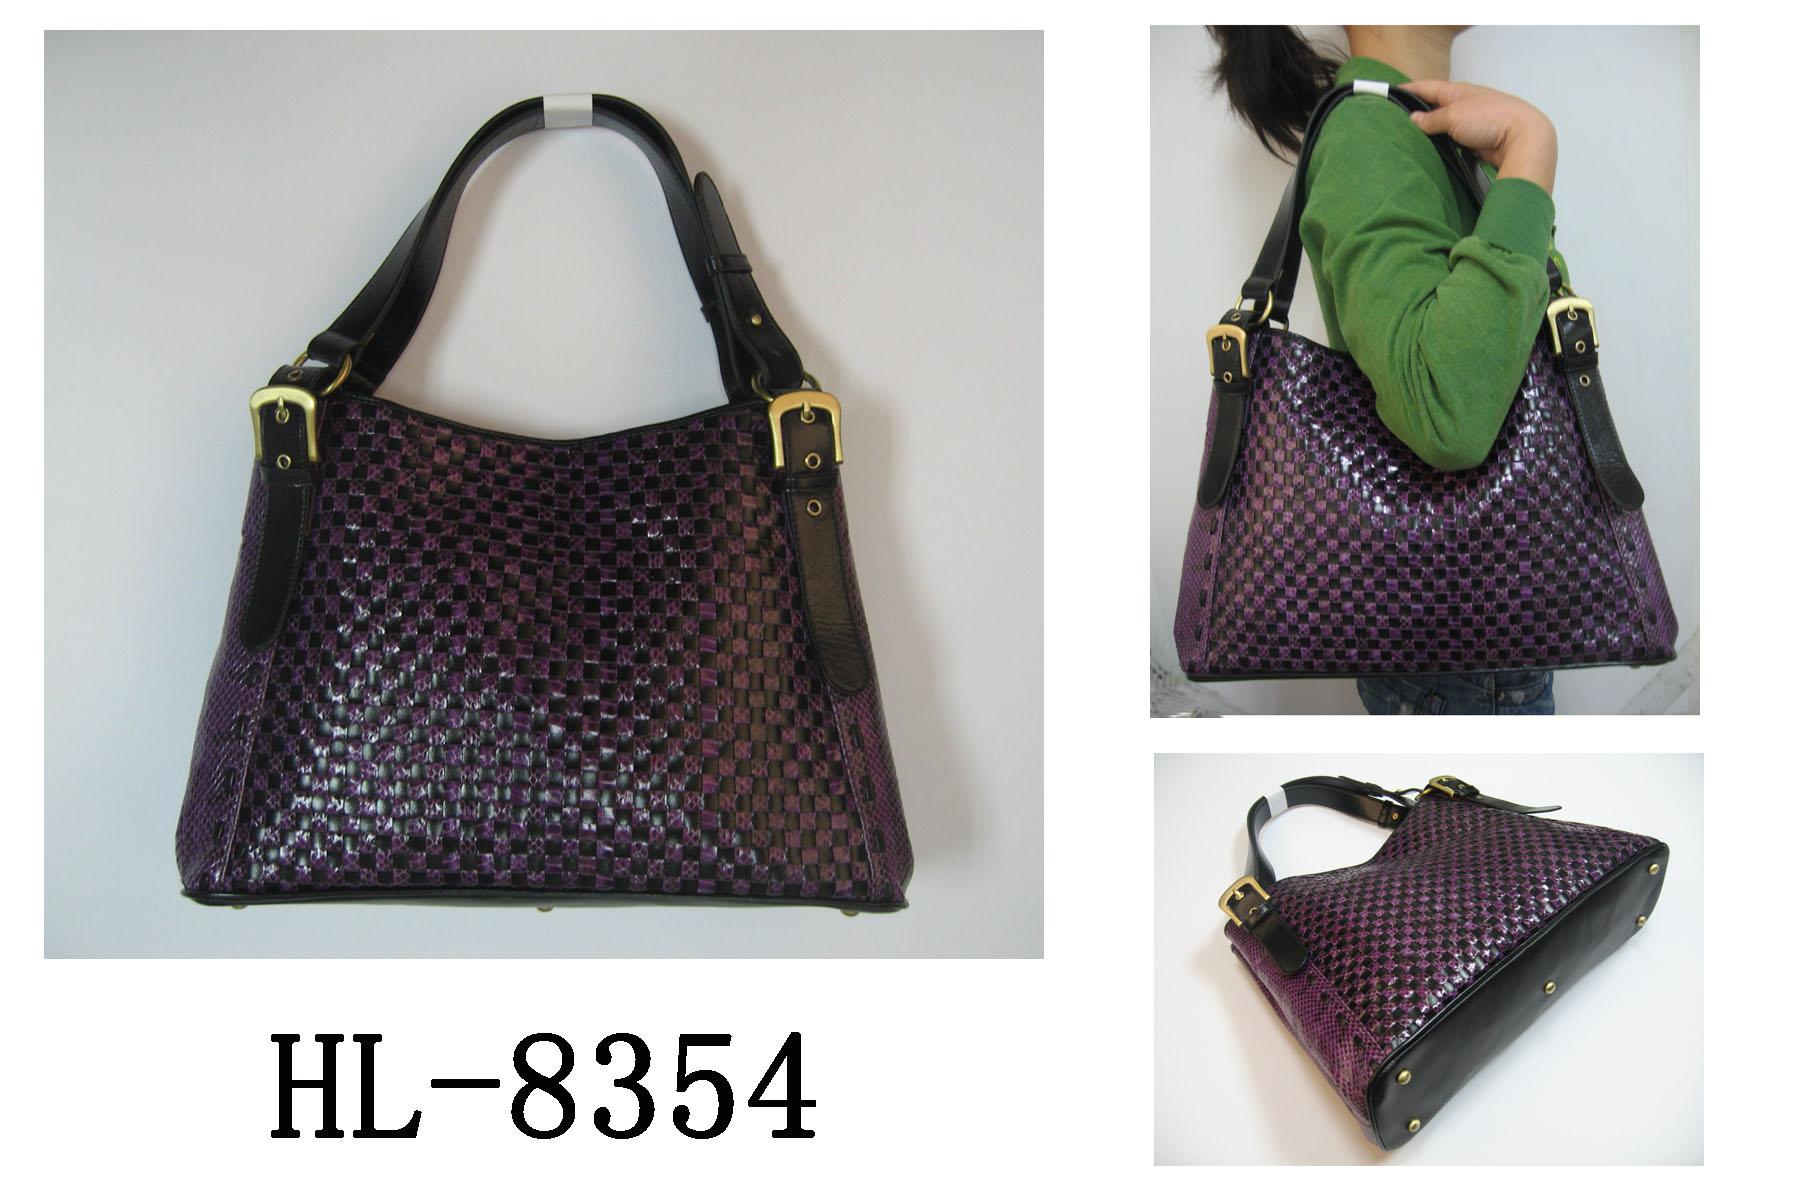 HL-8354真皮蛇皮编织包